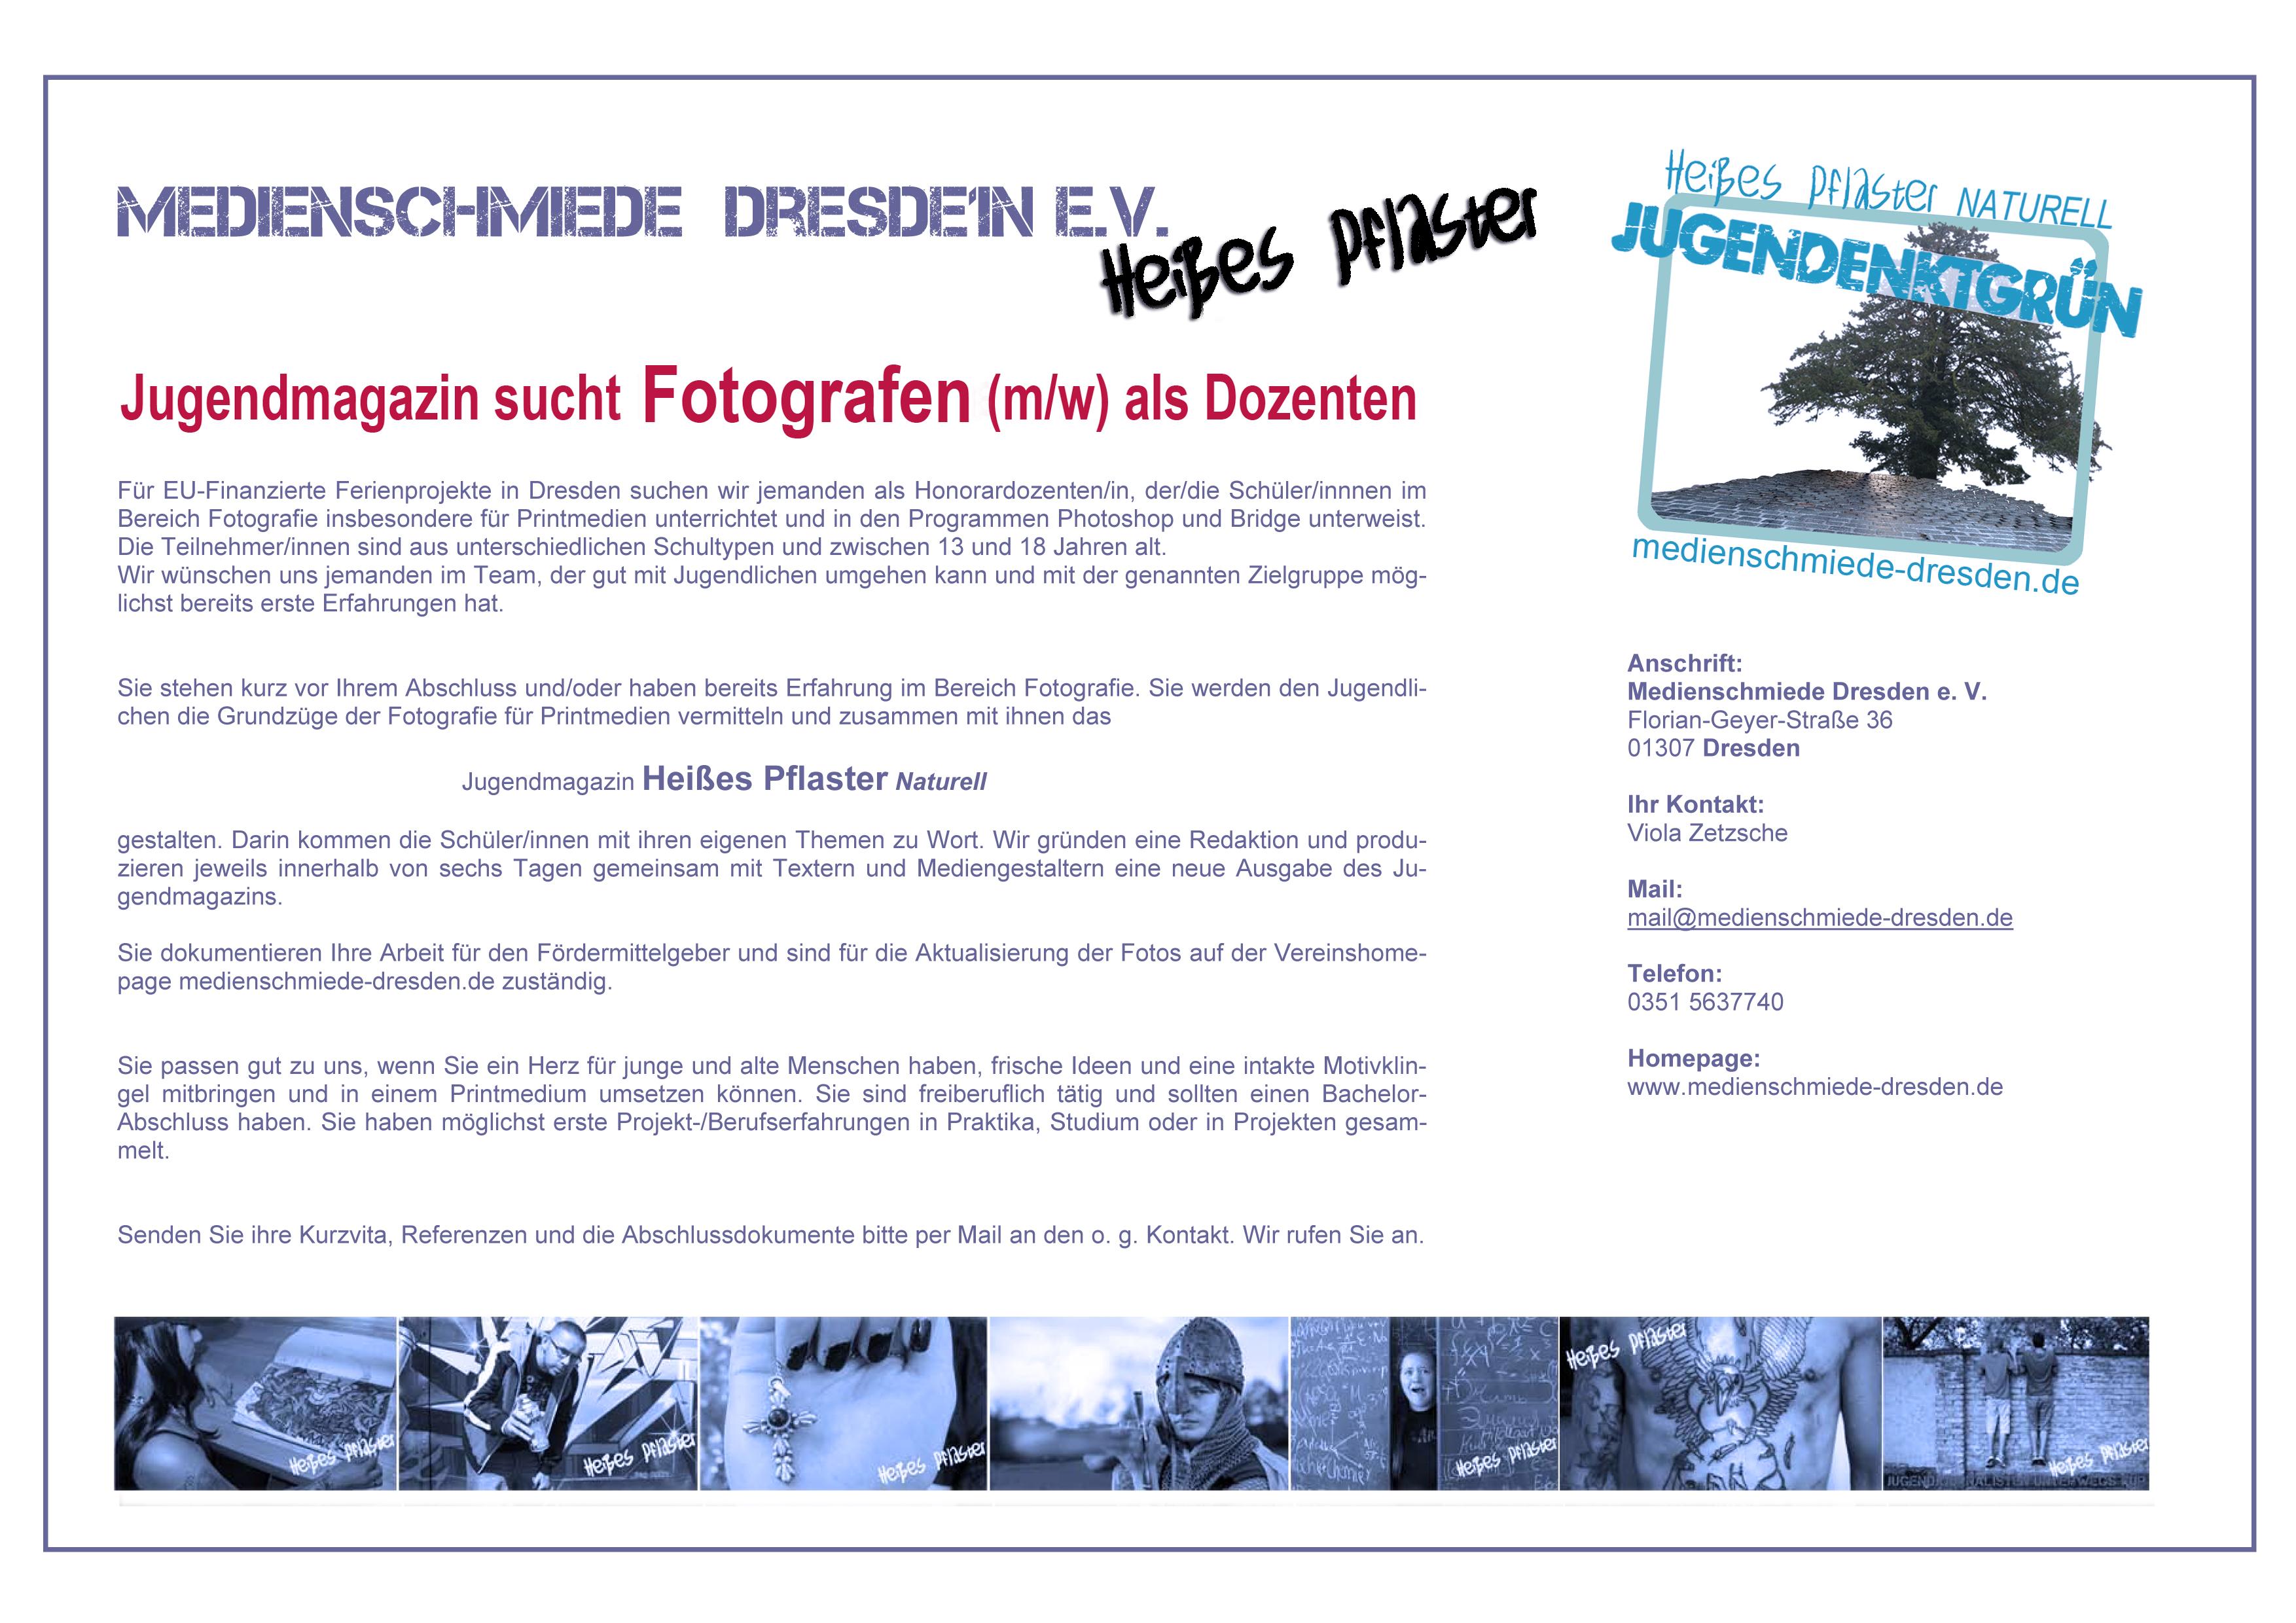 Stellenausschreibung_Fotograf_Medienschmiede Dresden e. V_Ferienangebot